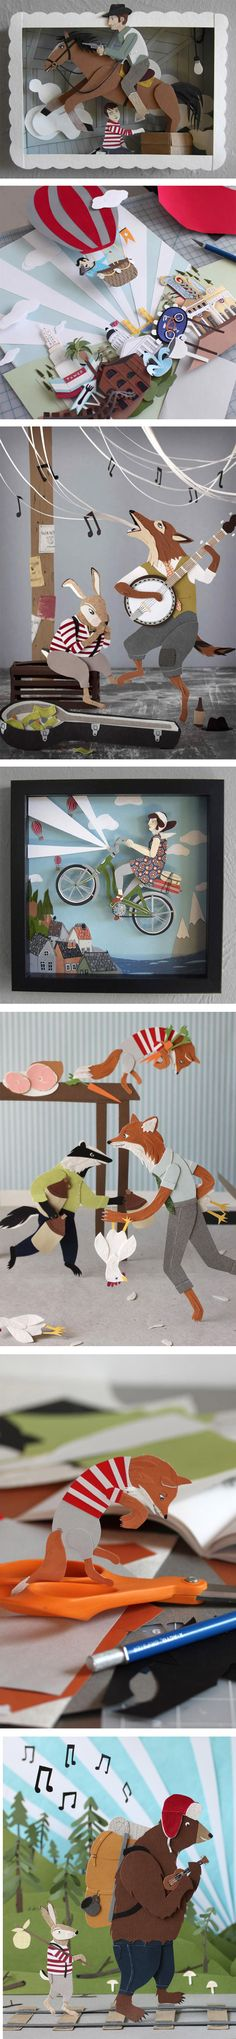 Untitled 2 Jayme McGowan et ses illustrations en papier découpé !